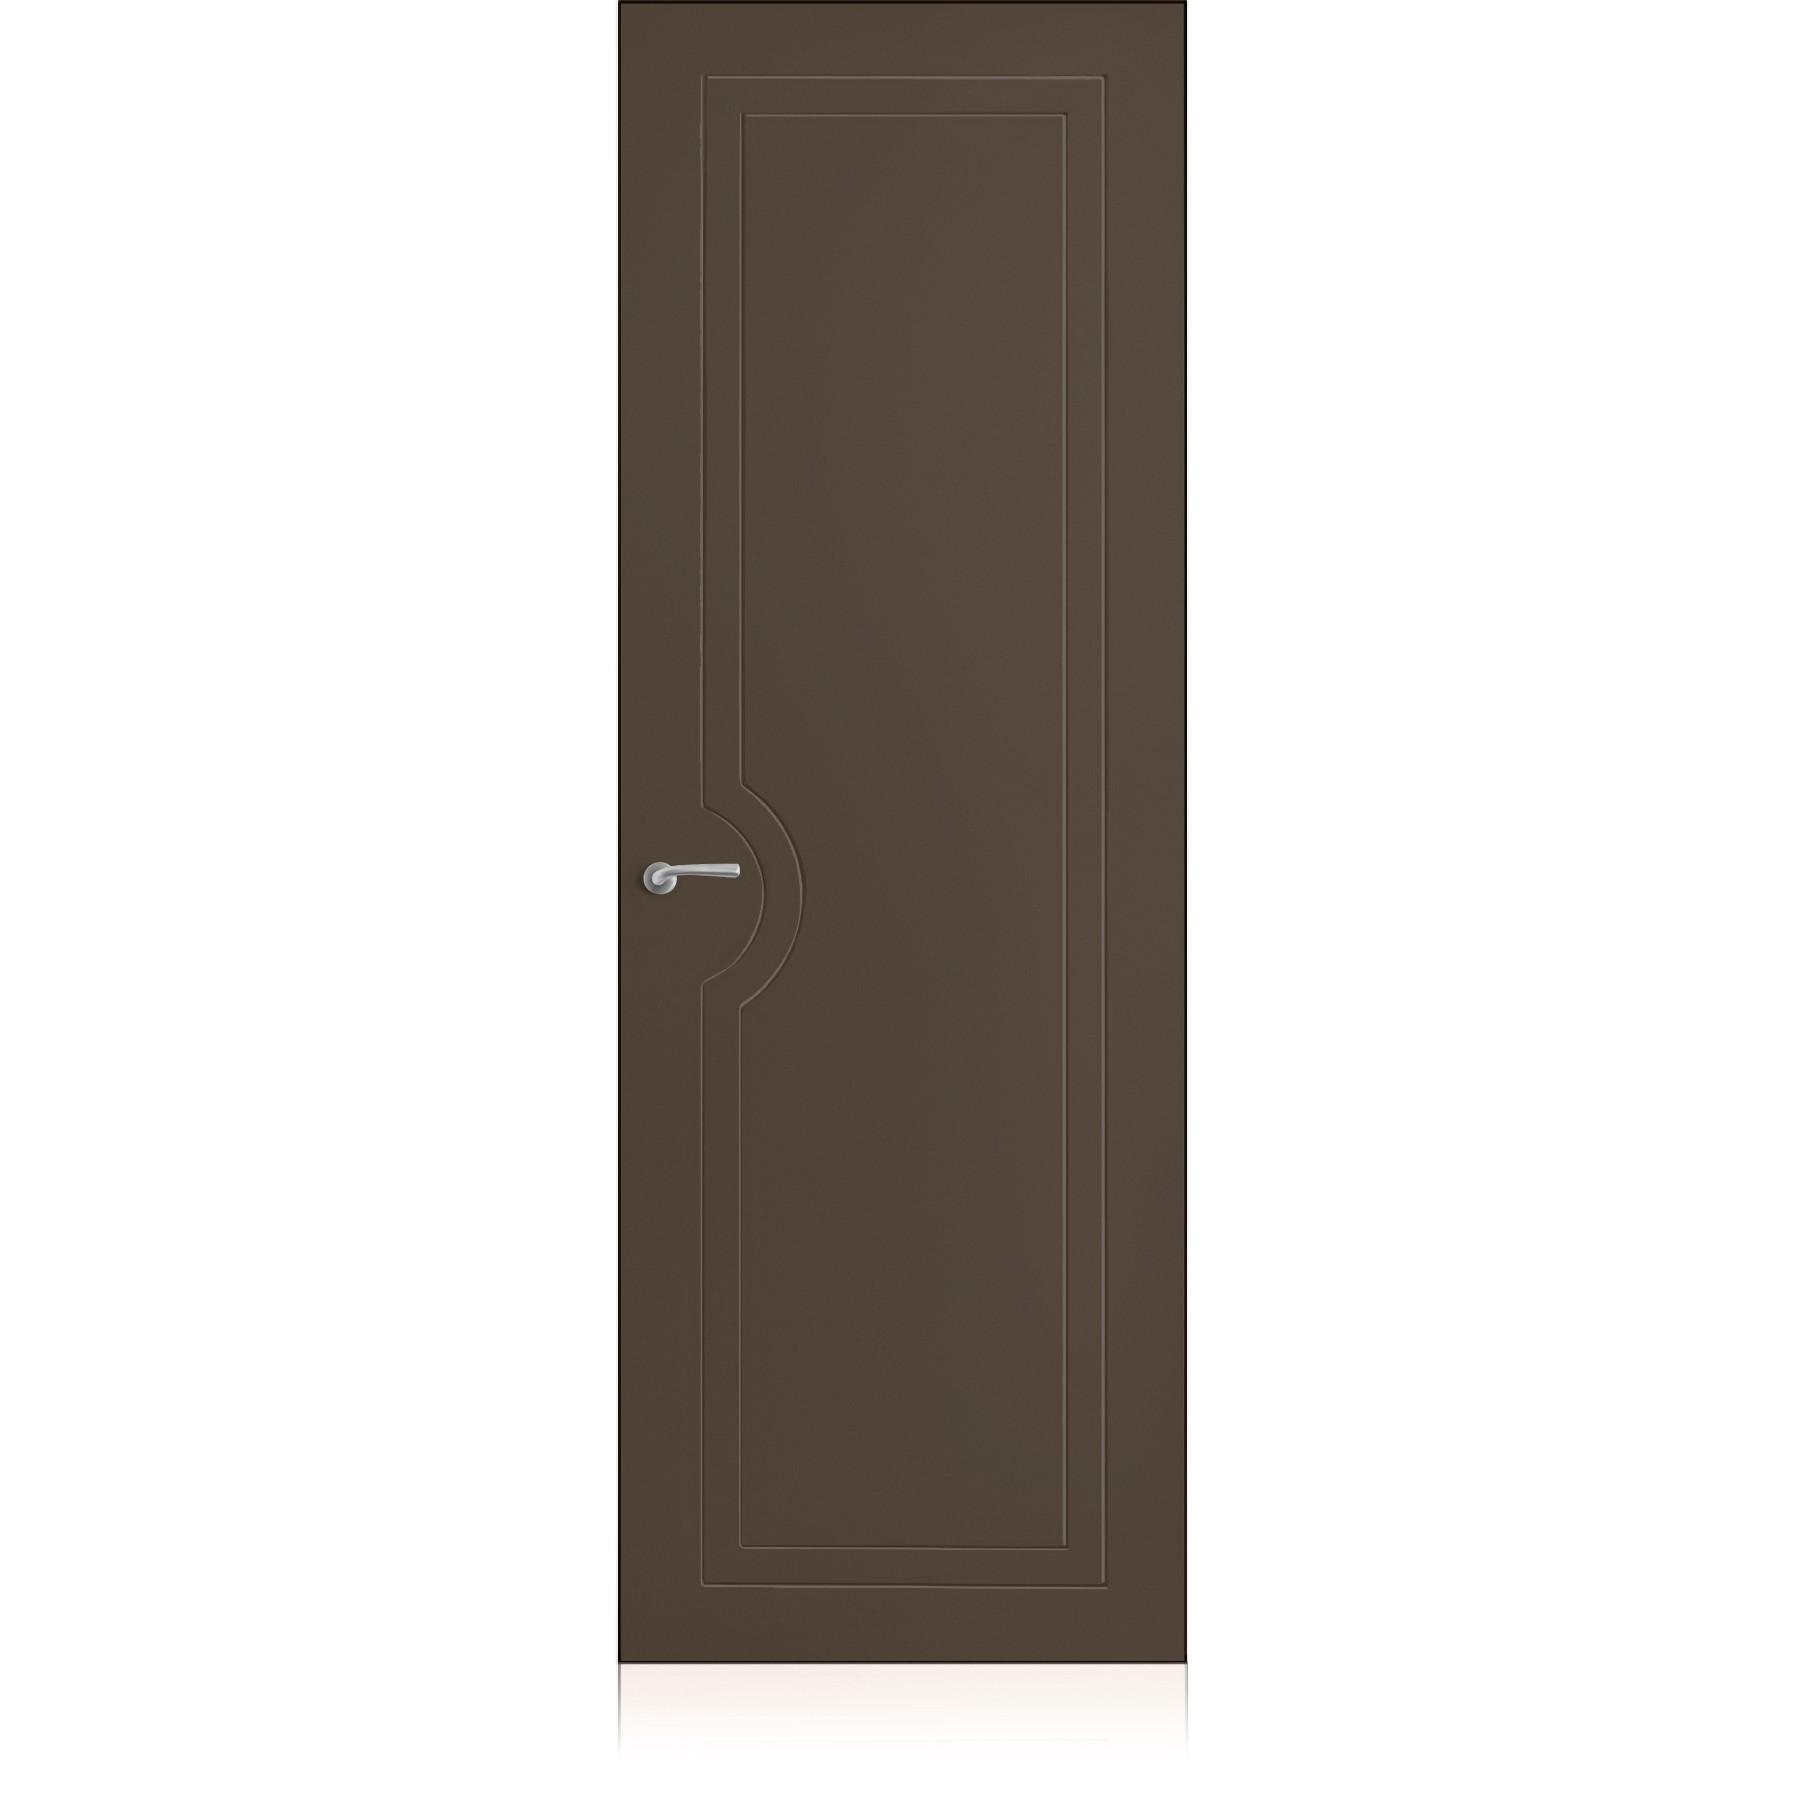 Yncisa/1 Zero Ombra Dark Laccato ULTRAopaco door